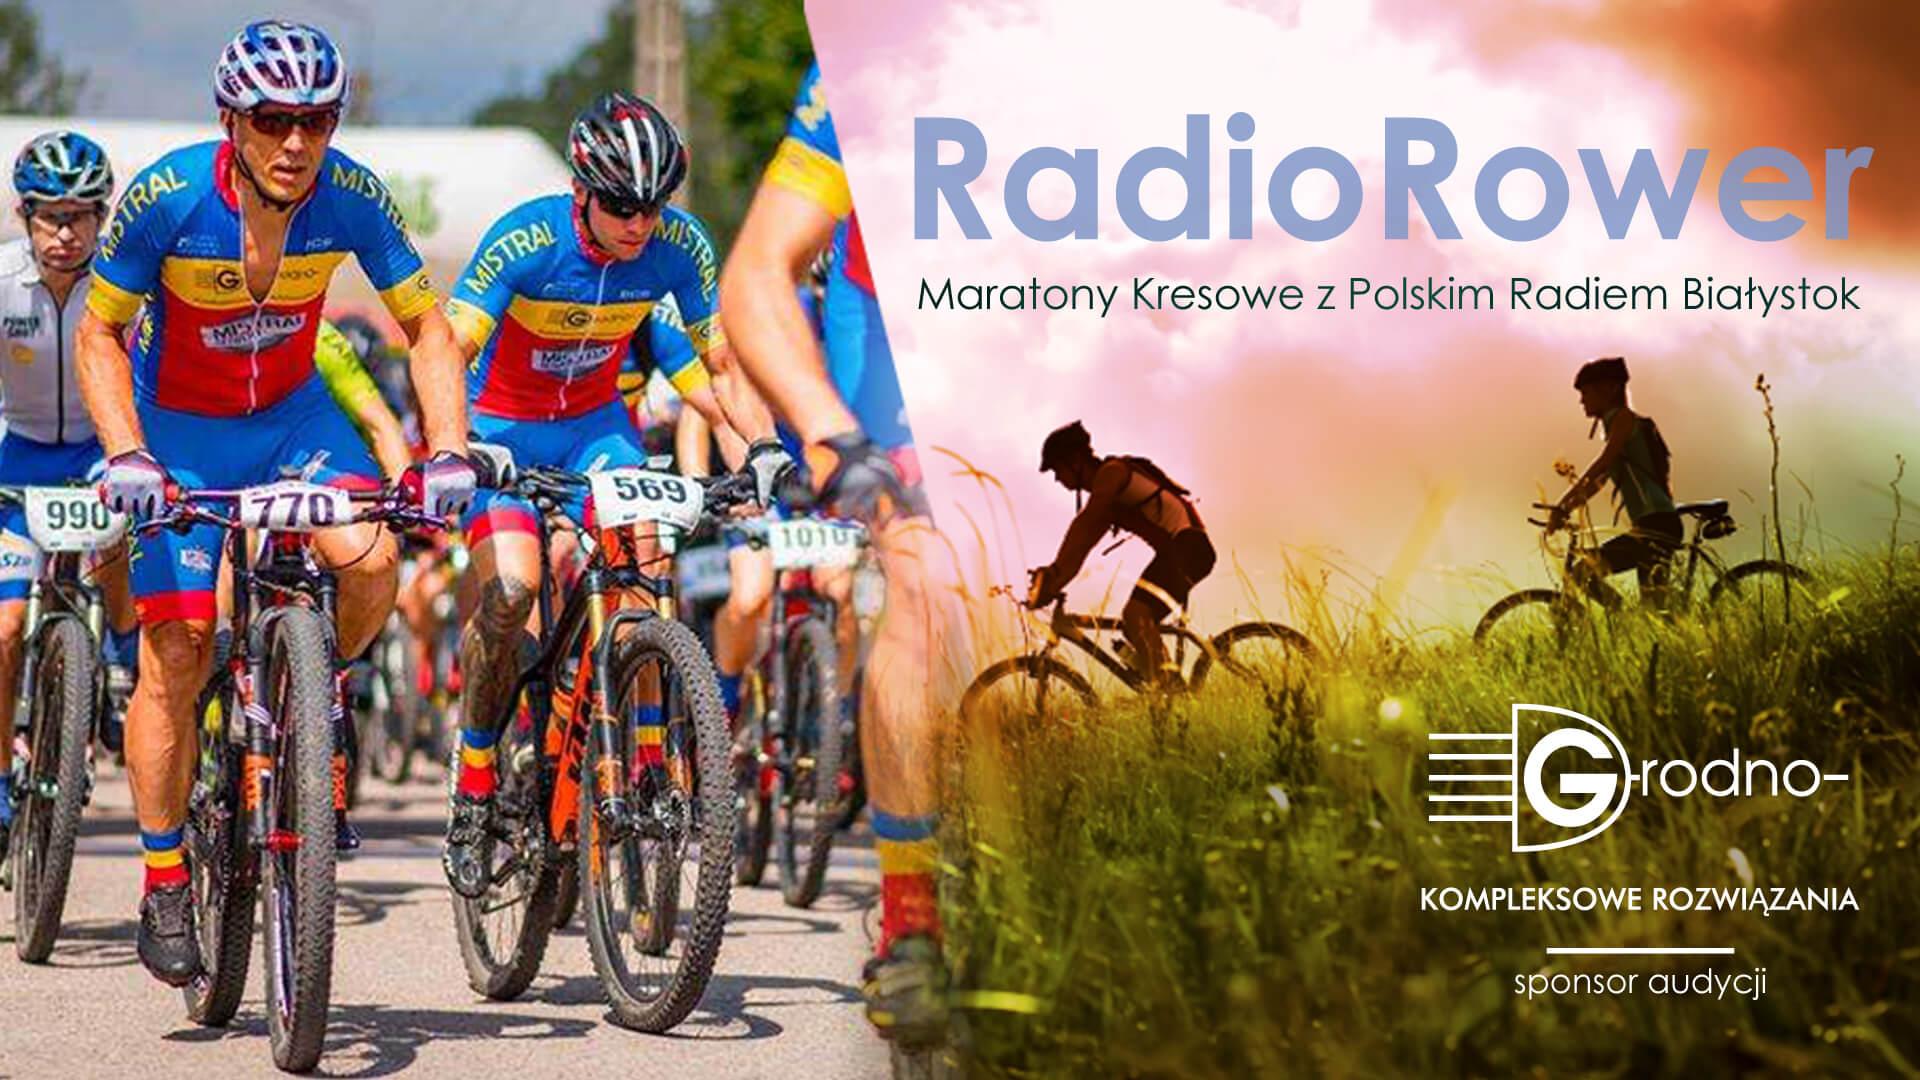 RadioRower - Maratony Kresowe z Radiem Białystok